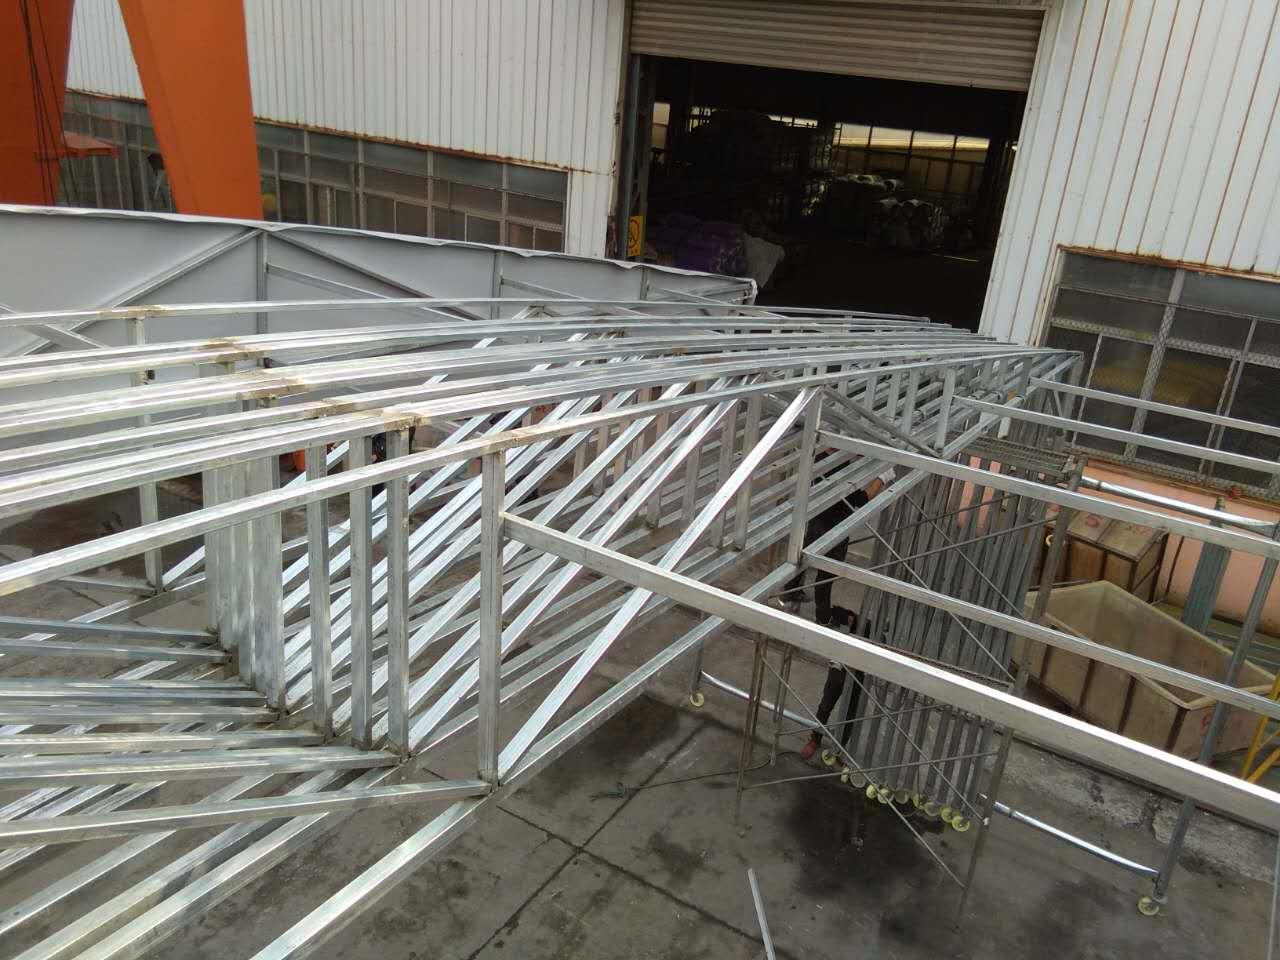 推拉篷生产厂家-优良的移动推拉车棚尽在丰腾户外用品